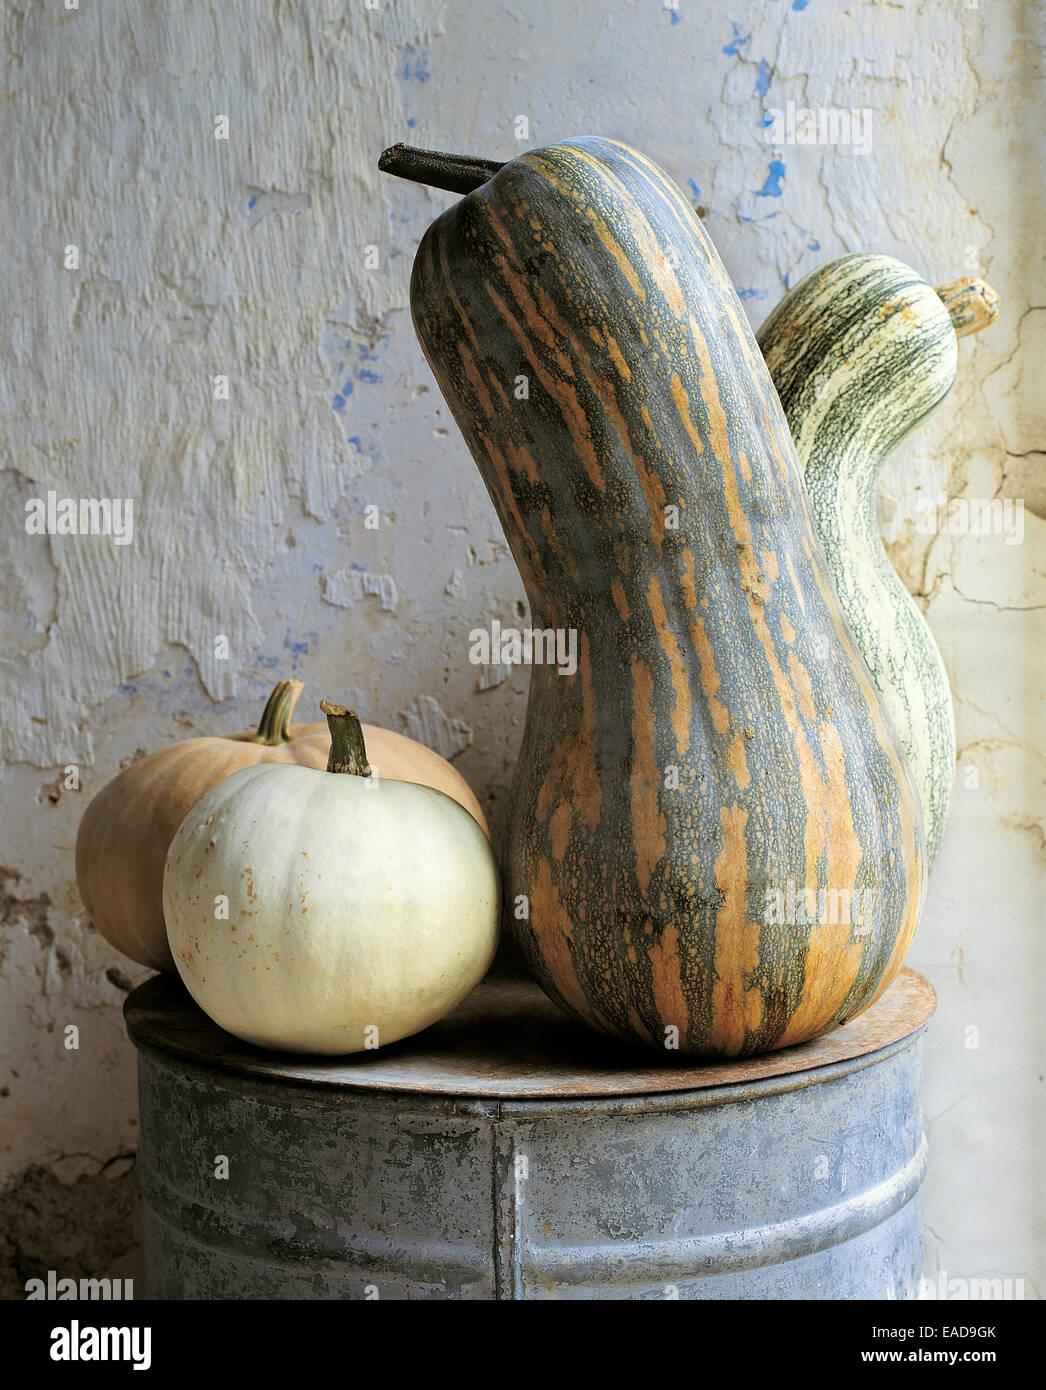 Varias pistas de squash y calabazas en la granja Imagen De Stock